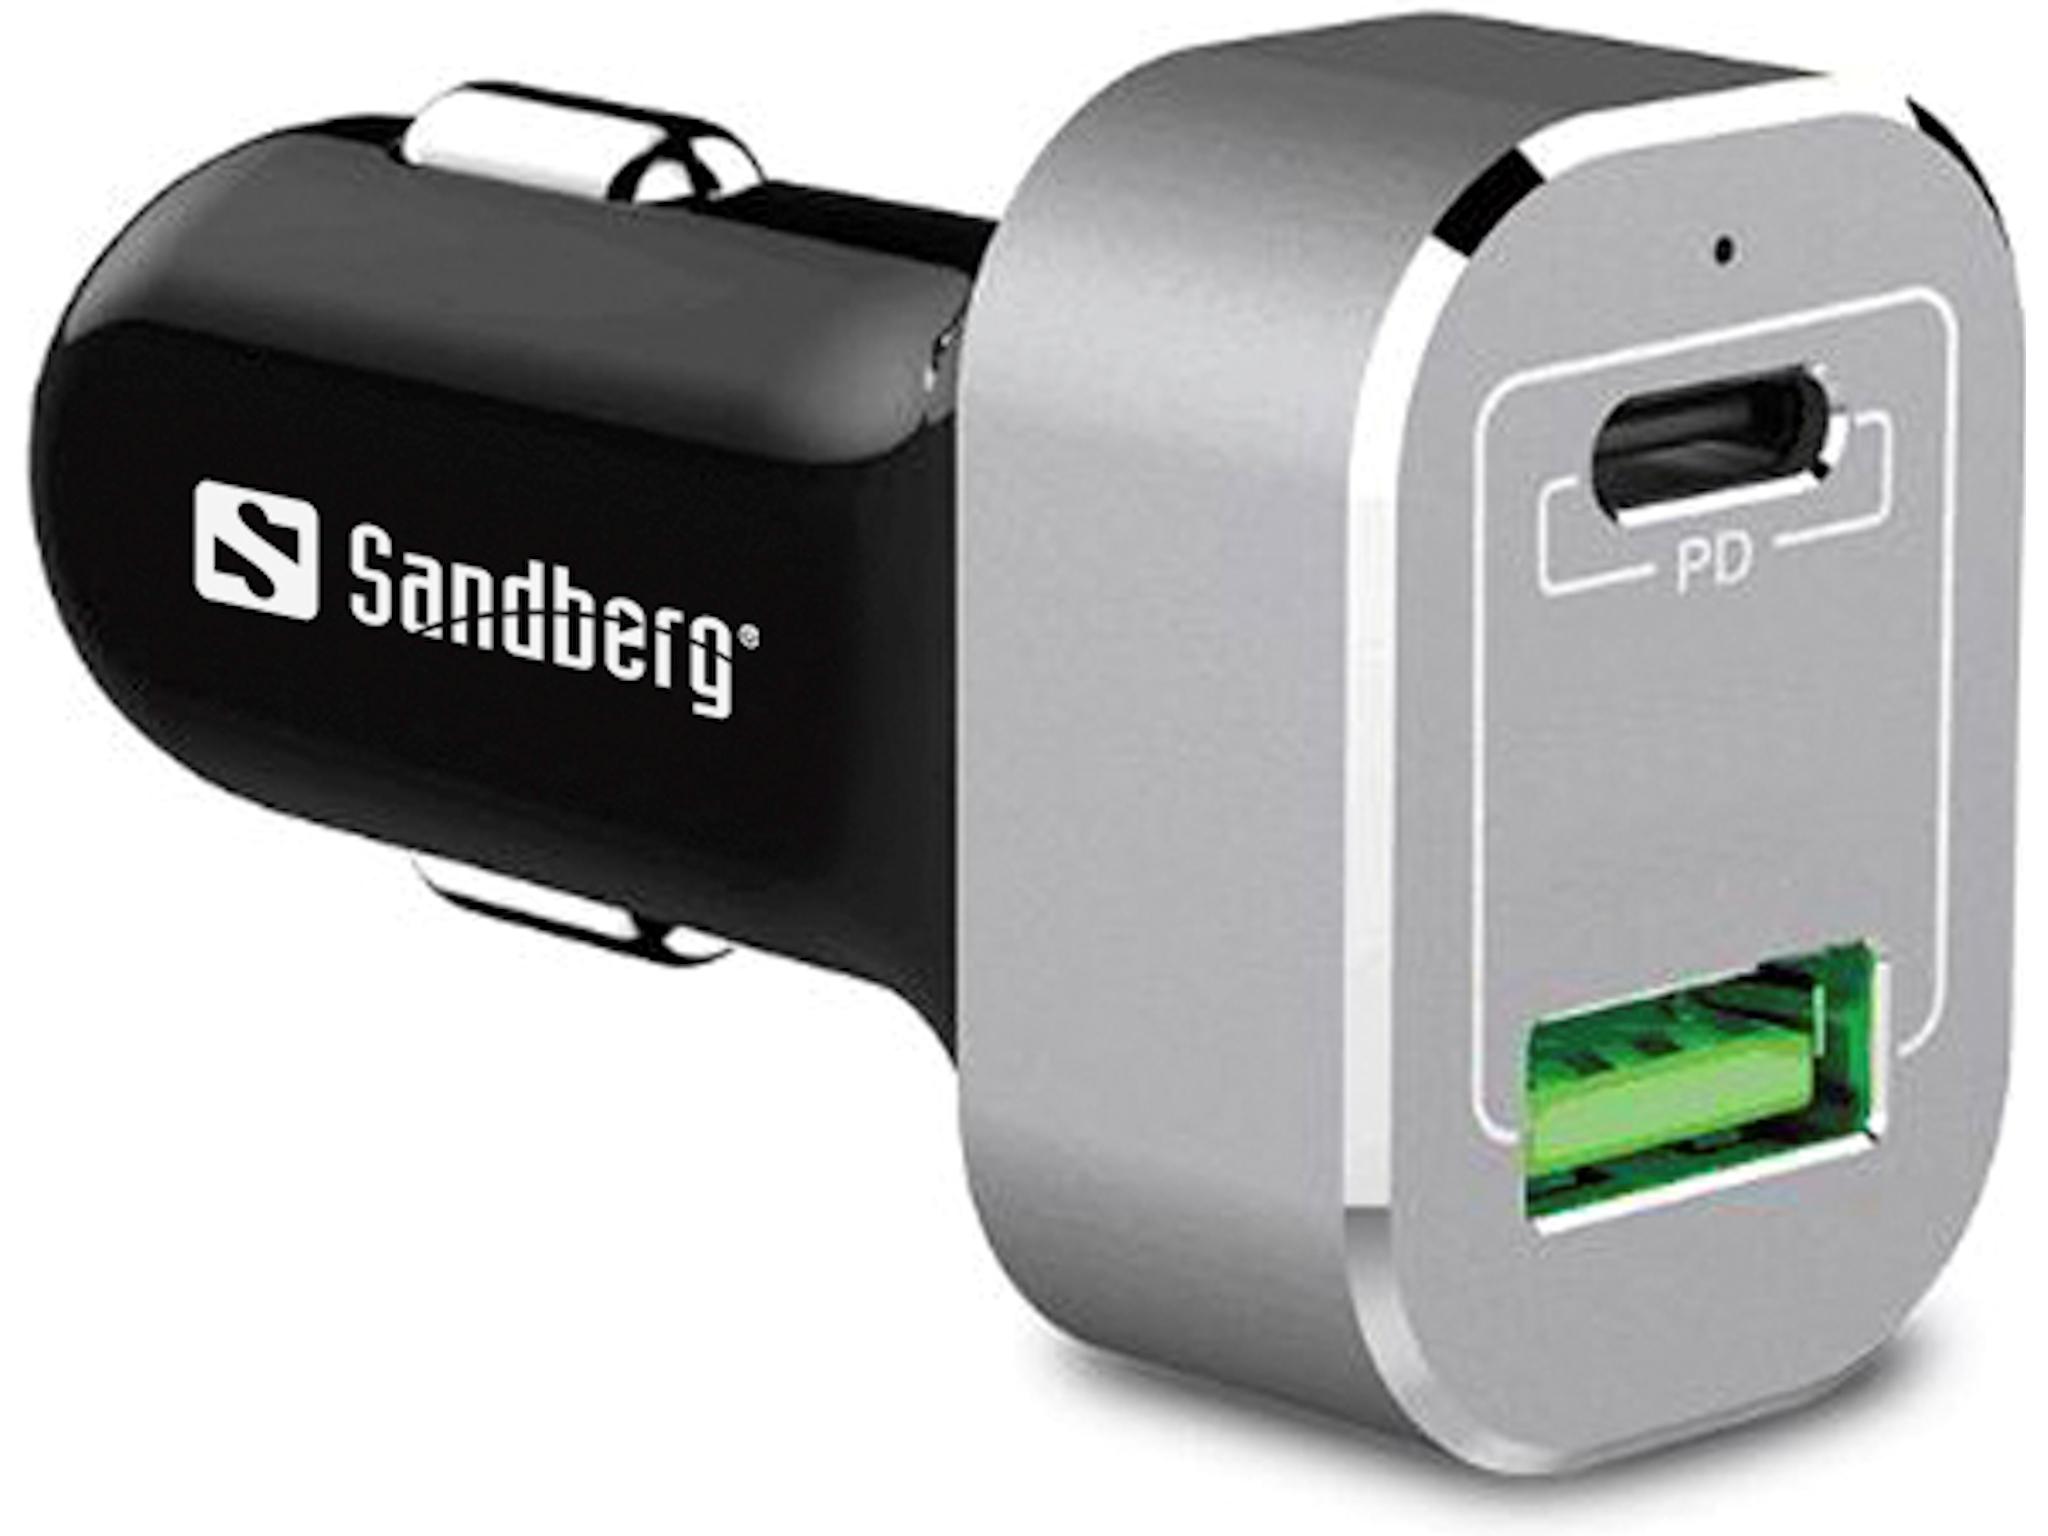 Sandberg 441-11 Auto Alluminio, Nero caricabatterie per cellulari e PDA